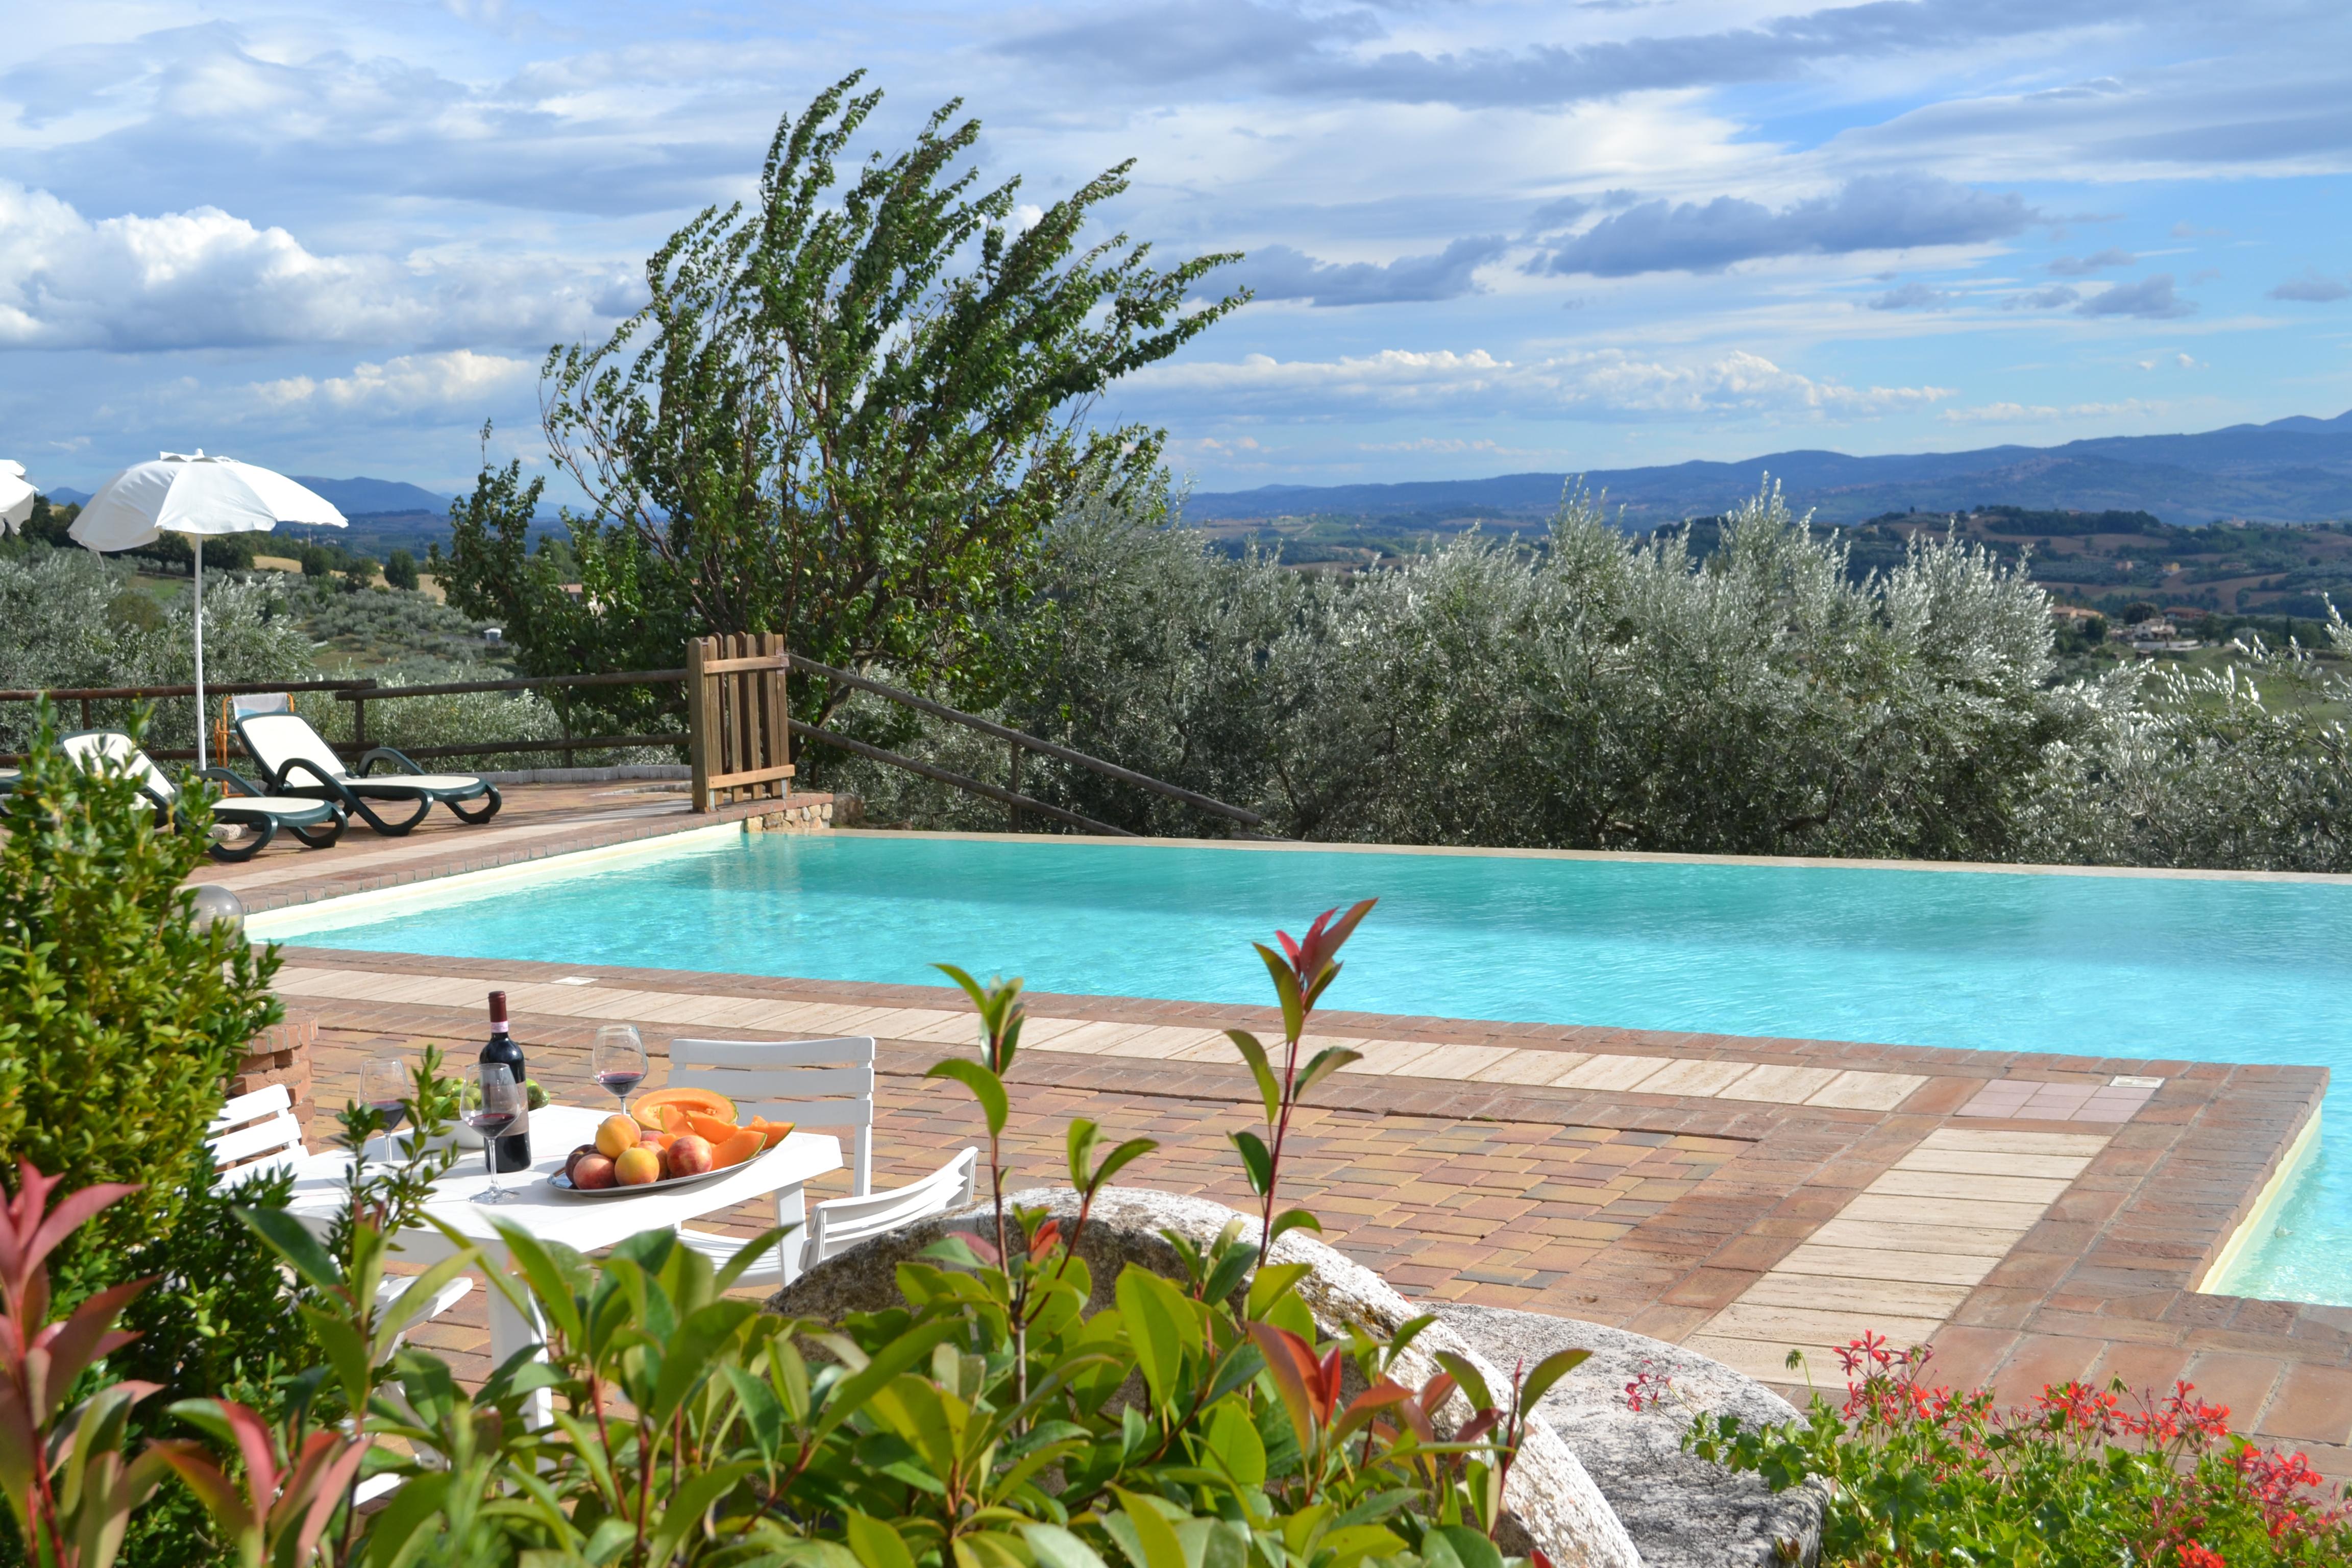 La cascata sul monte martano appartamenti vacanza con camino piscina e jacuzzi a collazzone - Appartamenti in montagna con piscina ...